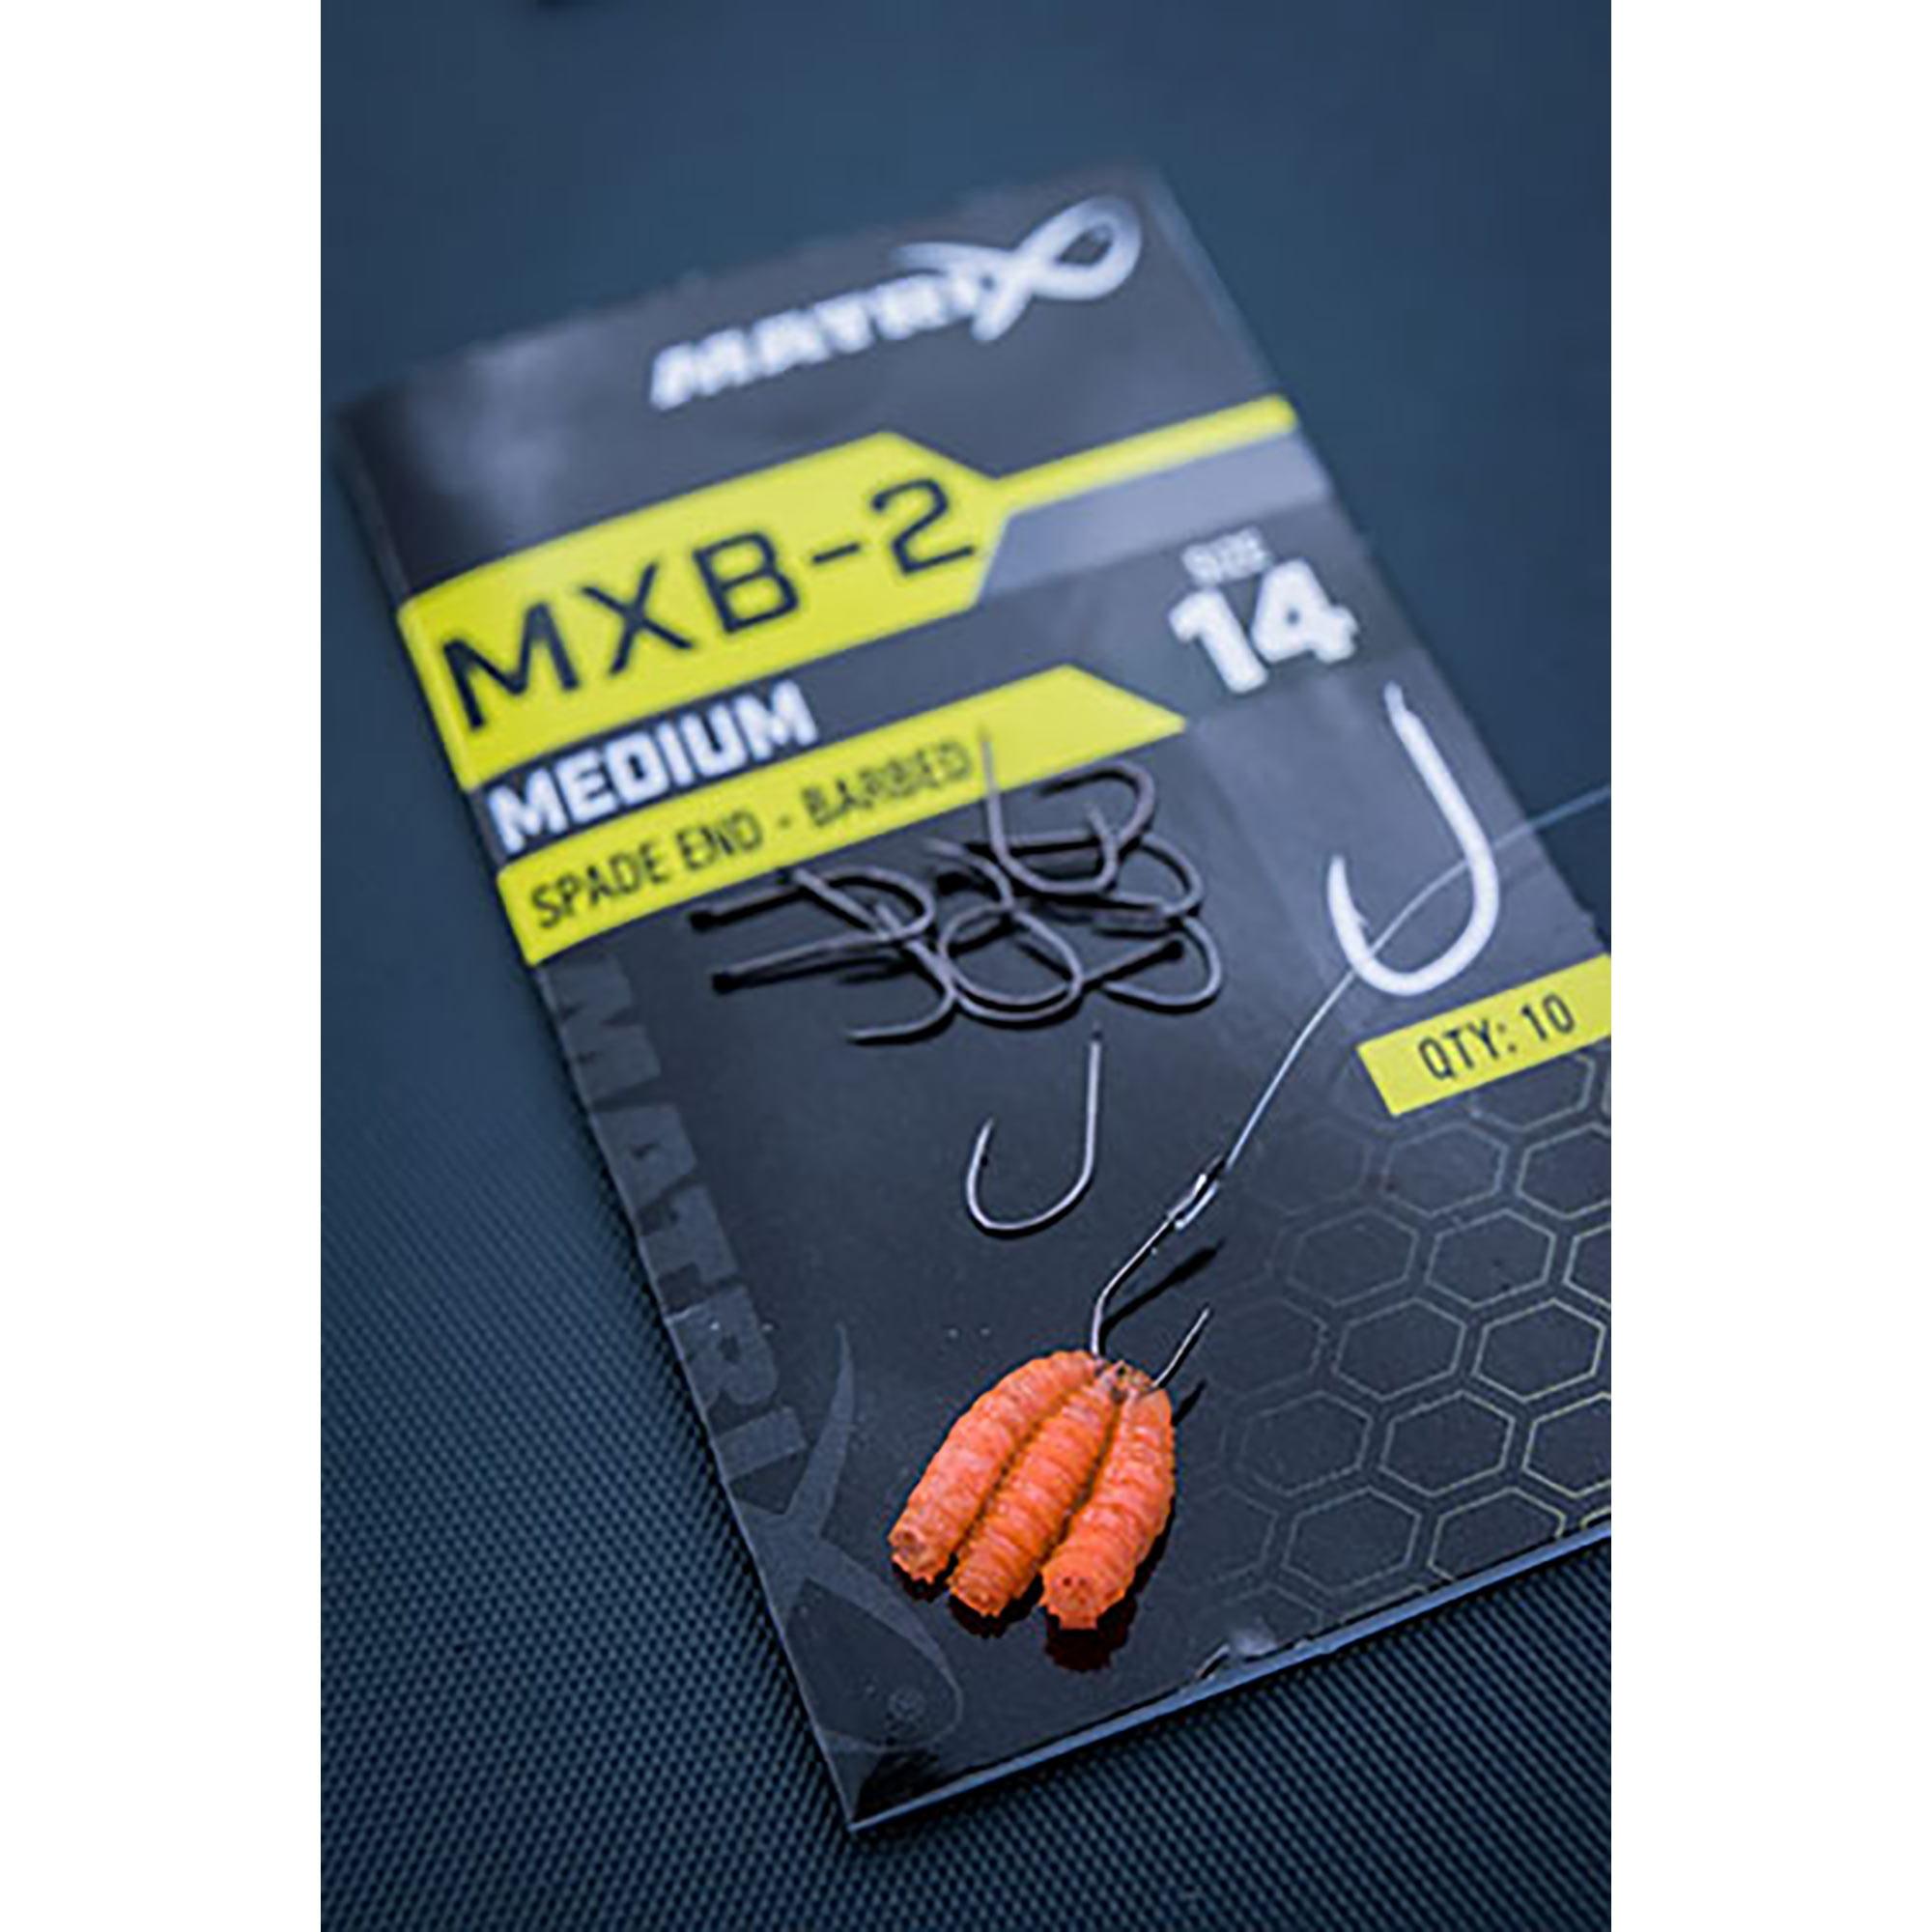 Ami MXB-2 Barbed Spade MATRIX